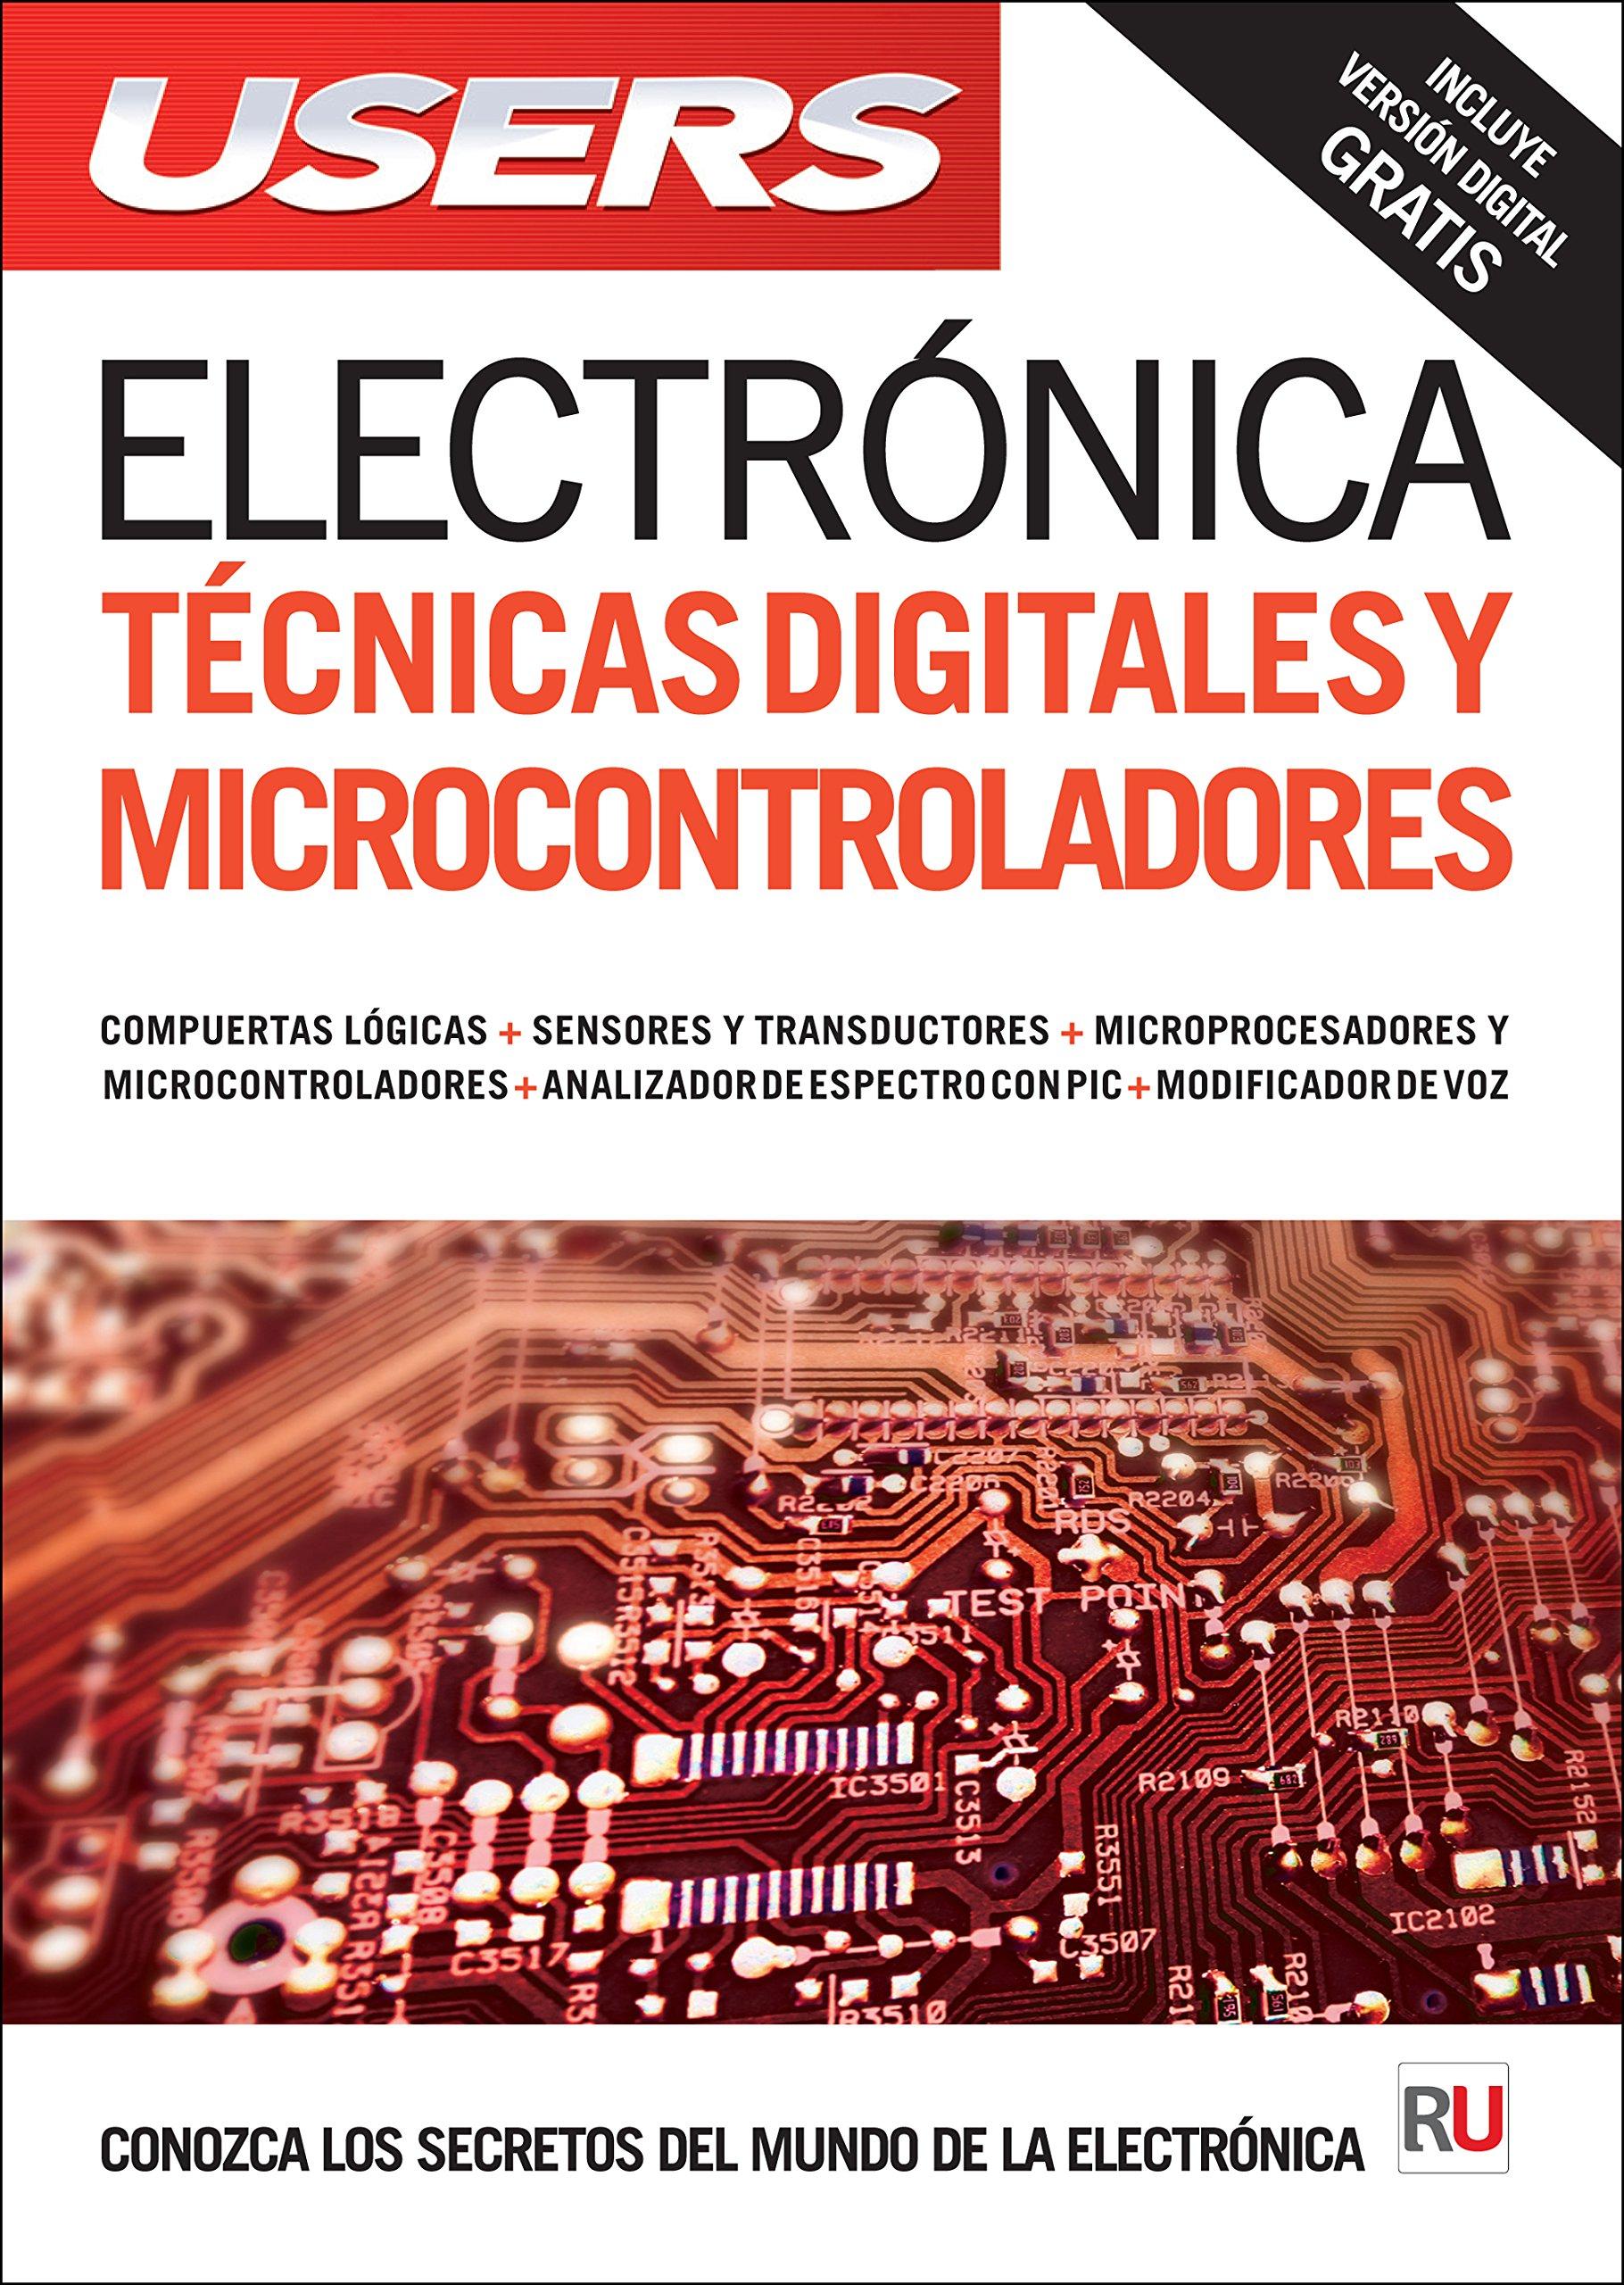 Electrónica: técnicas digitales y microcontroladores (Spanish Edition) (Spanish) Paperback – July 1, 2014